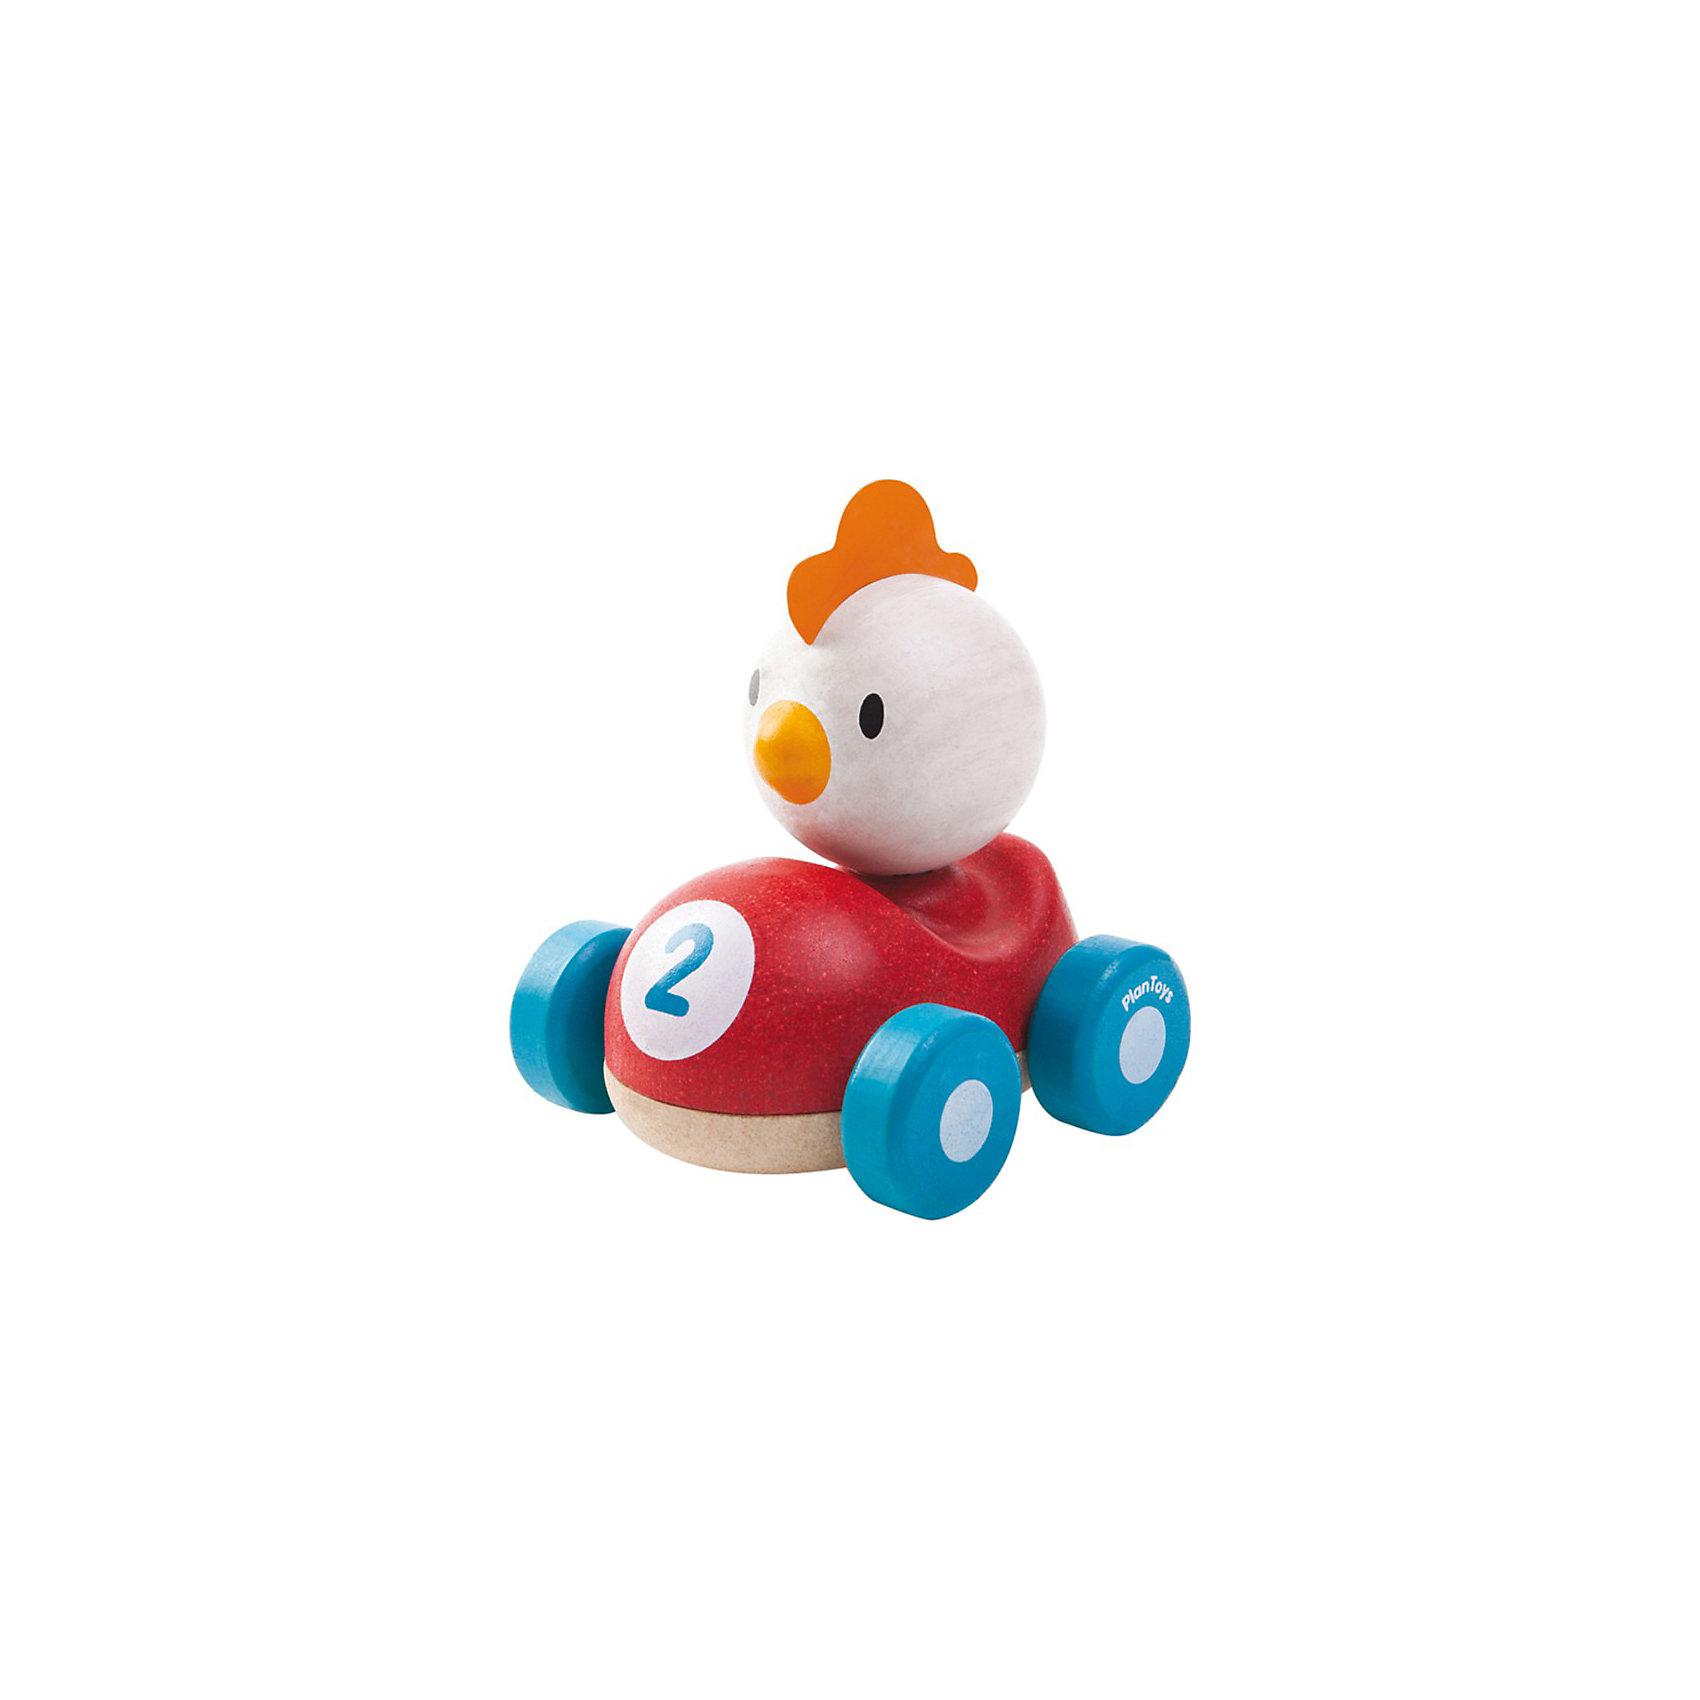 Курочка, Plan ToysДеревянная машинка Курочка – яркая забавная игрушка для малыша, с которой он сможет устраивать настоящие скоростные гонки. <br><br>Миниатюрные машинки всегда были и остаются одними из самых любимых игрушек не только мальчиков, но и девочек. Красочная машинка из дерева с забавной курочкой понравится каждому малышу. Деревянная гоночная машинка с белой курочкой выполнена в красном цвете с синими колесами. <br><br>Игрушка изготовлена из высококачественного каучукового дерева с использованием нетоксичных красок и обработанными краями, что абсолютно исключает вероятность травмирования. <br><br>Деревянные игрушки Plan Toys (План Тойс) развивают у ребенка моторику, логику и пространственное мышление, зрительное восприятие и внимание малыша.<br><br>Дополнительная информация:<br><br>Материал: каучуковое дерево<br>Размер: 9.1 x 8.8 x 10 см<br><br>Курочку, Plan Toys (План Тойс) можно купить в нашем магазине.<br><br>Ширина мм: 117<br>Глубина мм: 101<br>Высота мм: 99<br>Вес г: 256<br>Возраст от месяцев: 12<br>Возраст до месяцев: 36<br>Пол: Унисекс<br>Возраст: Детский<br>SKU: 3648148